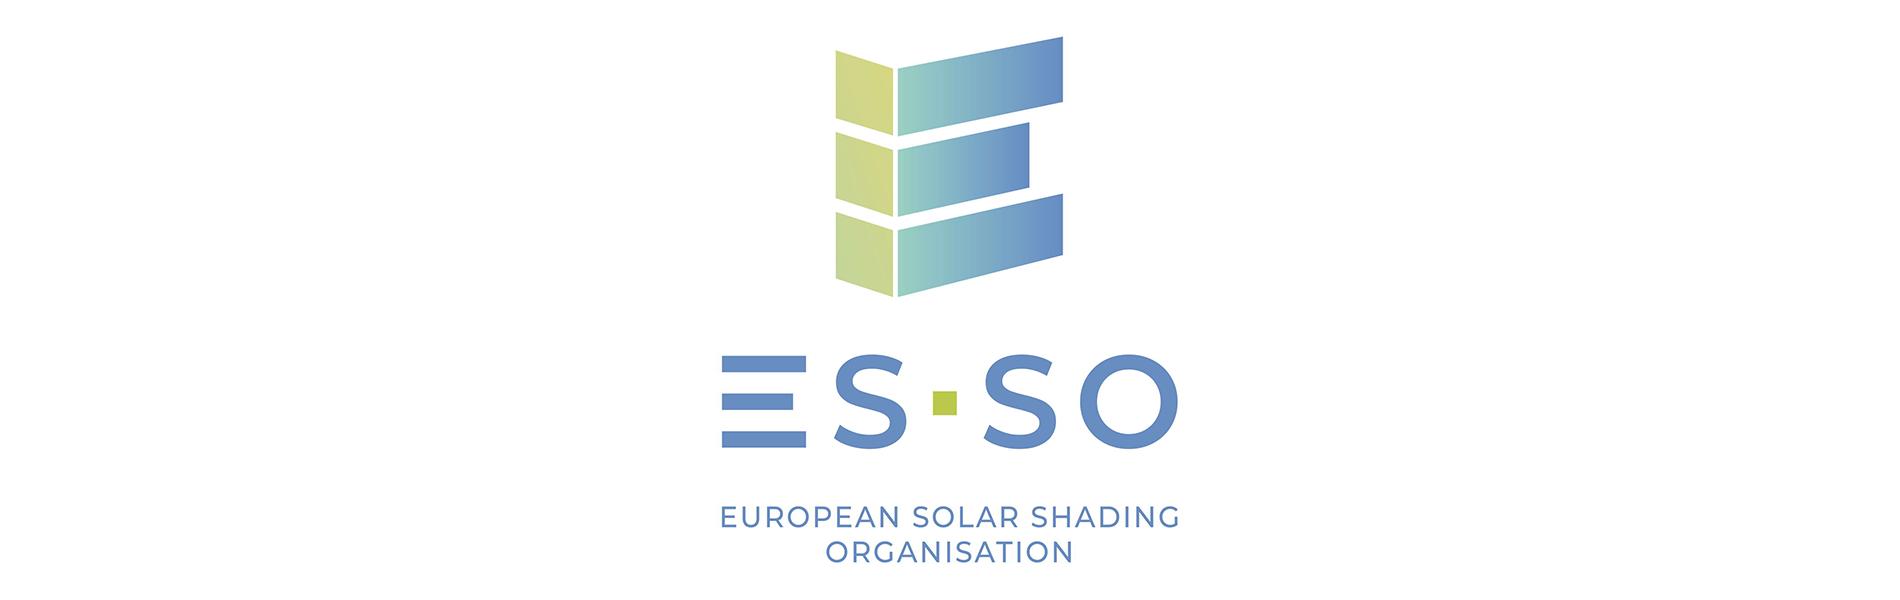 ES-SO : een nieuwe visuele identiteit om haar strategie tegen oververhitting in gebouwen duidelijk te maken